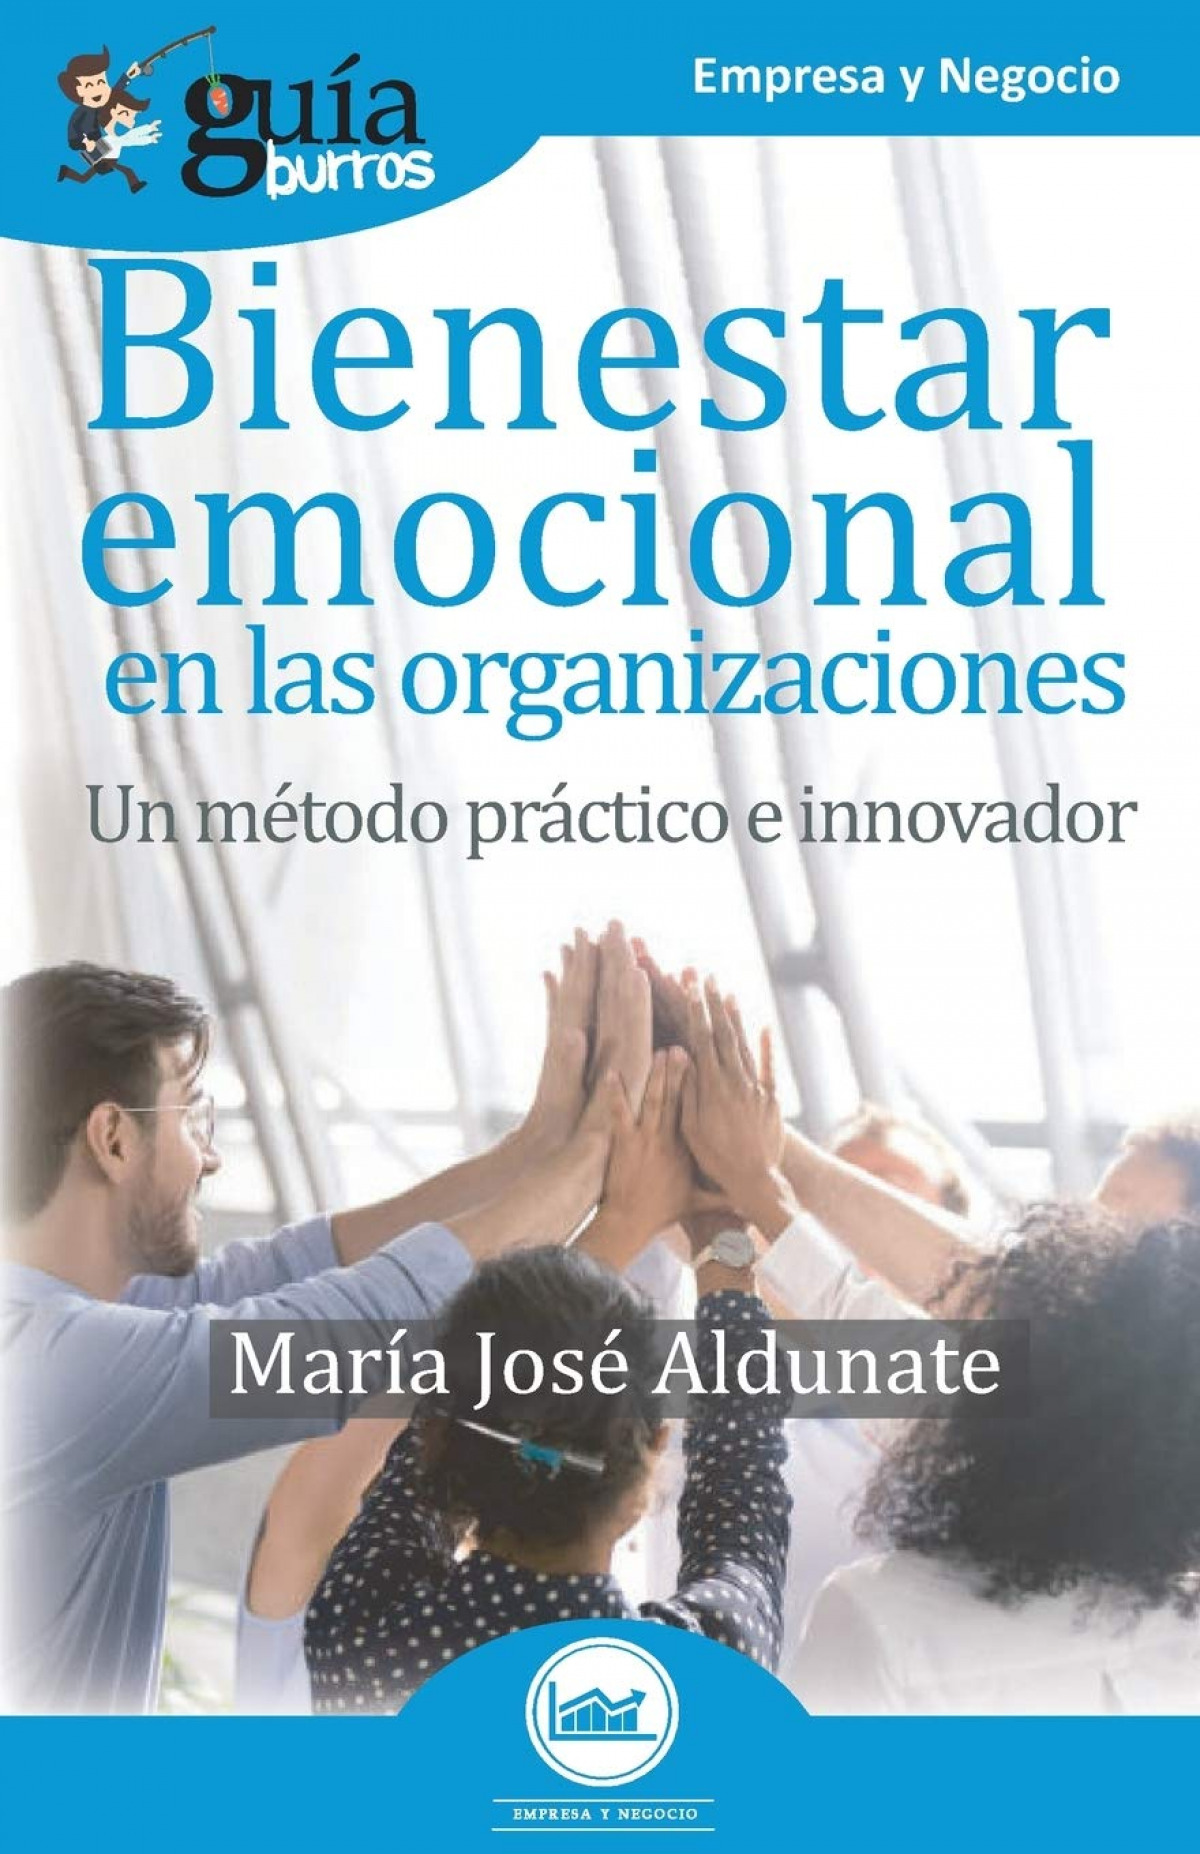 Bienestar emocional en las organizaciones